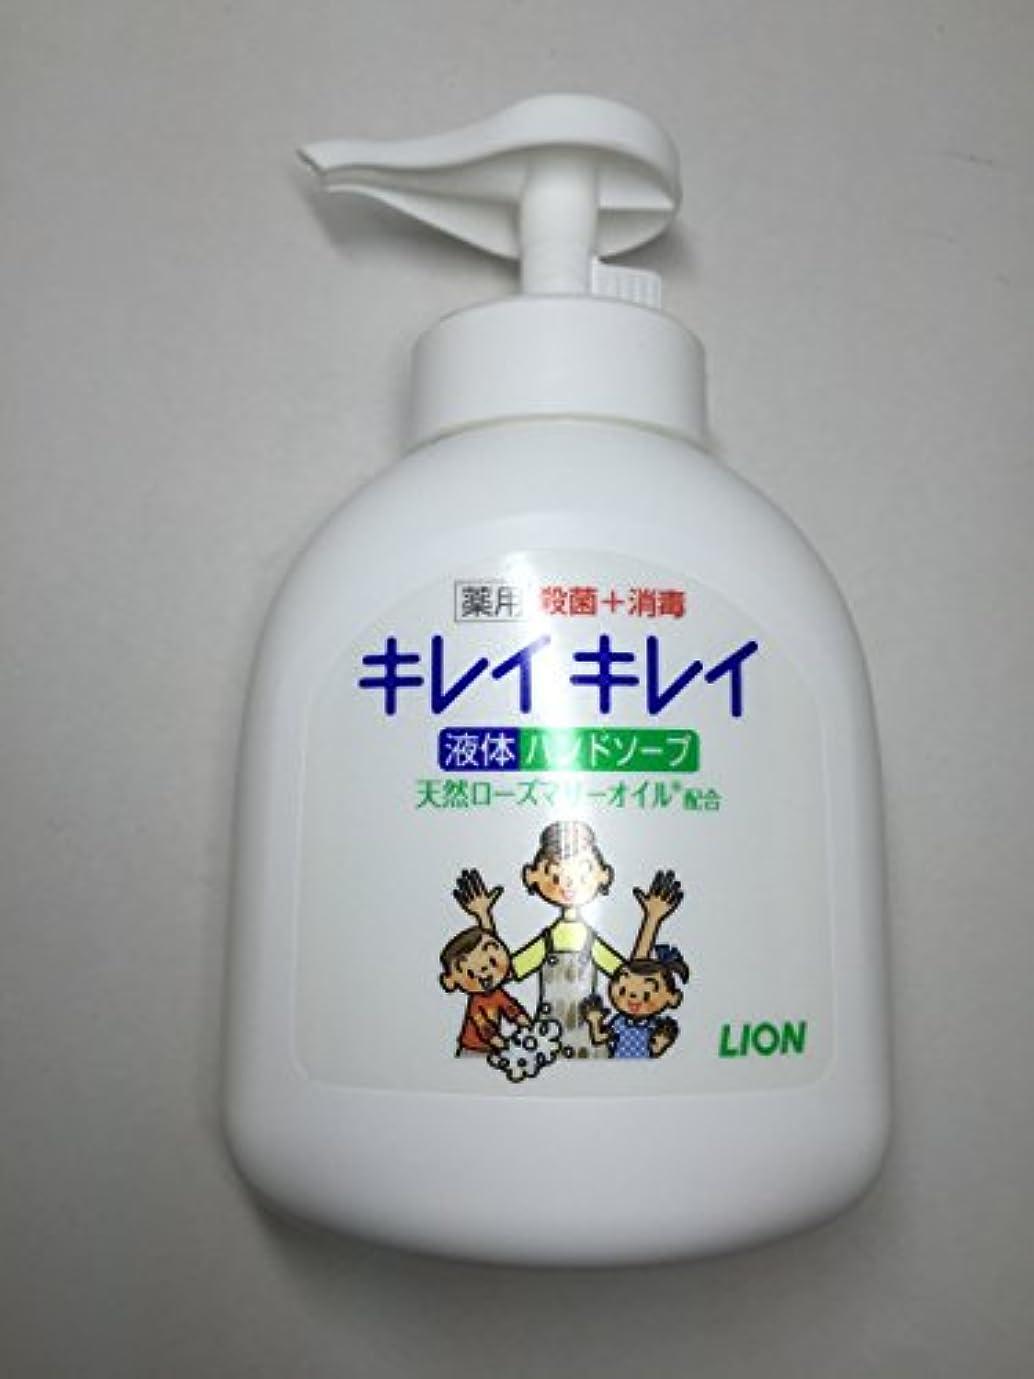 酒実現可能性フェミニン(お買得)キレイキレイ 薬用 液体ハンドソープ 本体 (250ml) ライオン